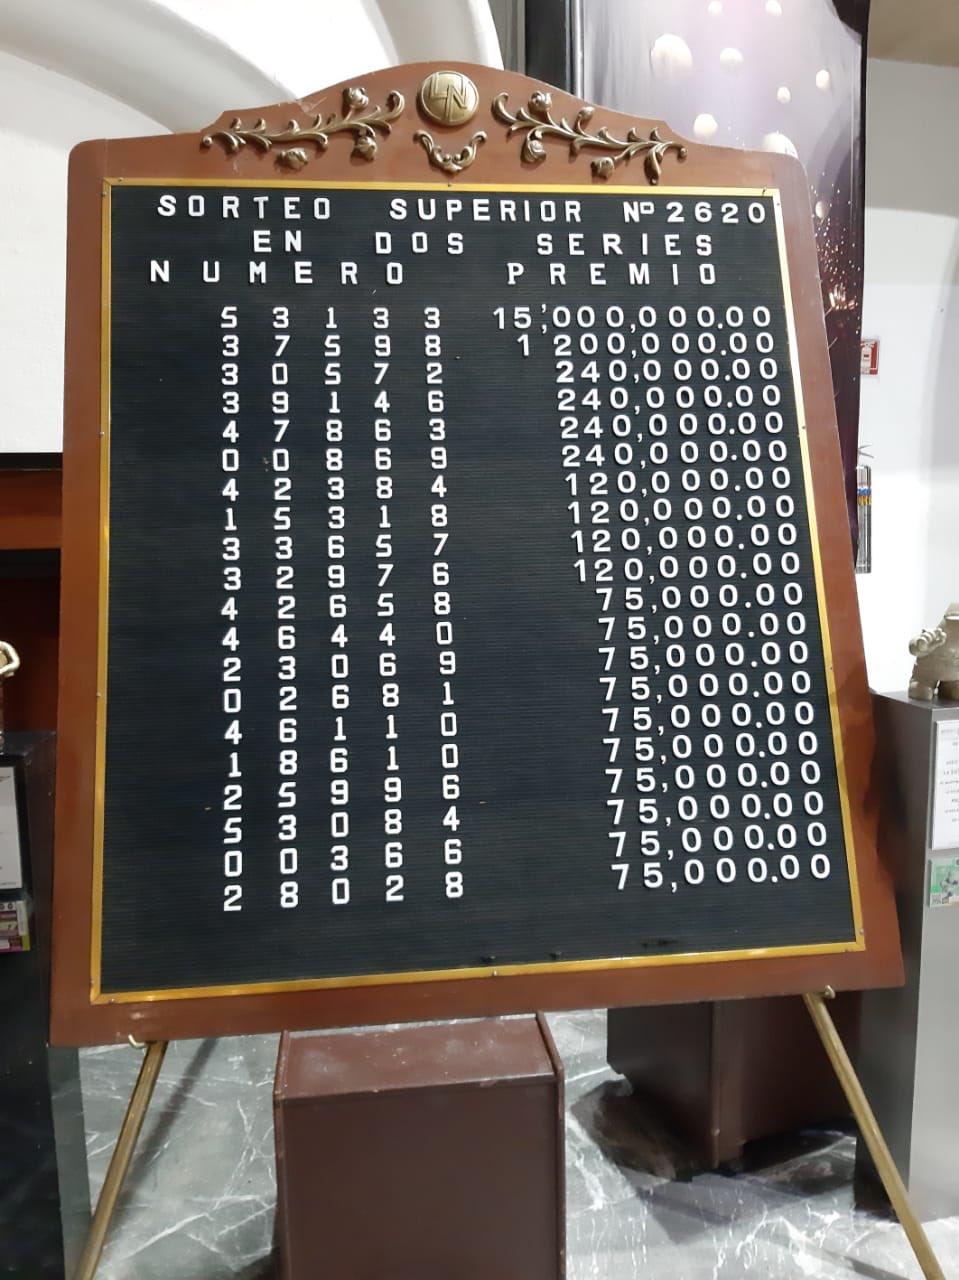 Resultados sorteo superior 2620